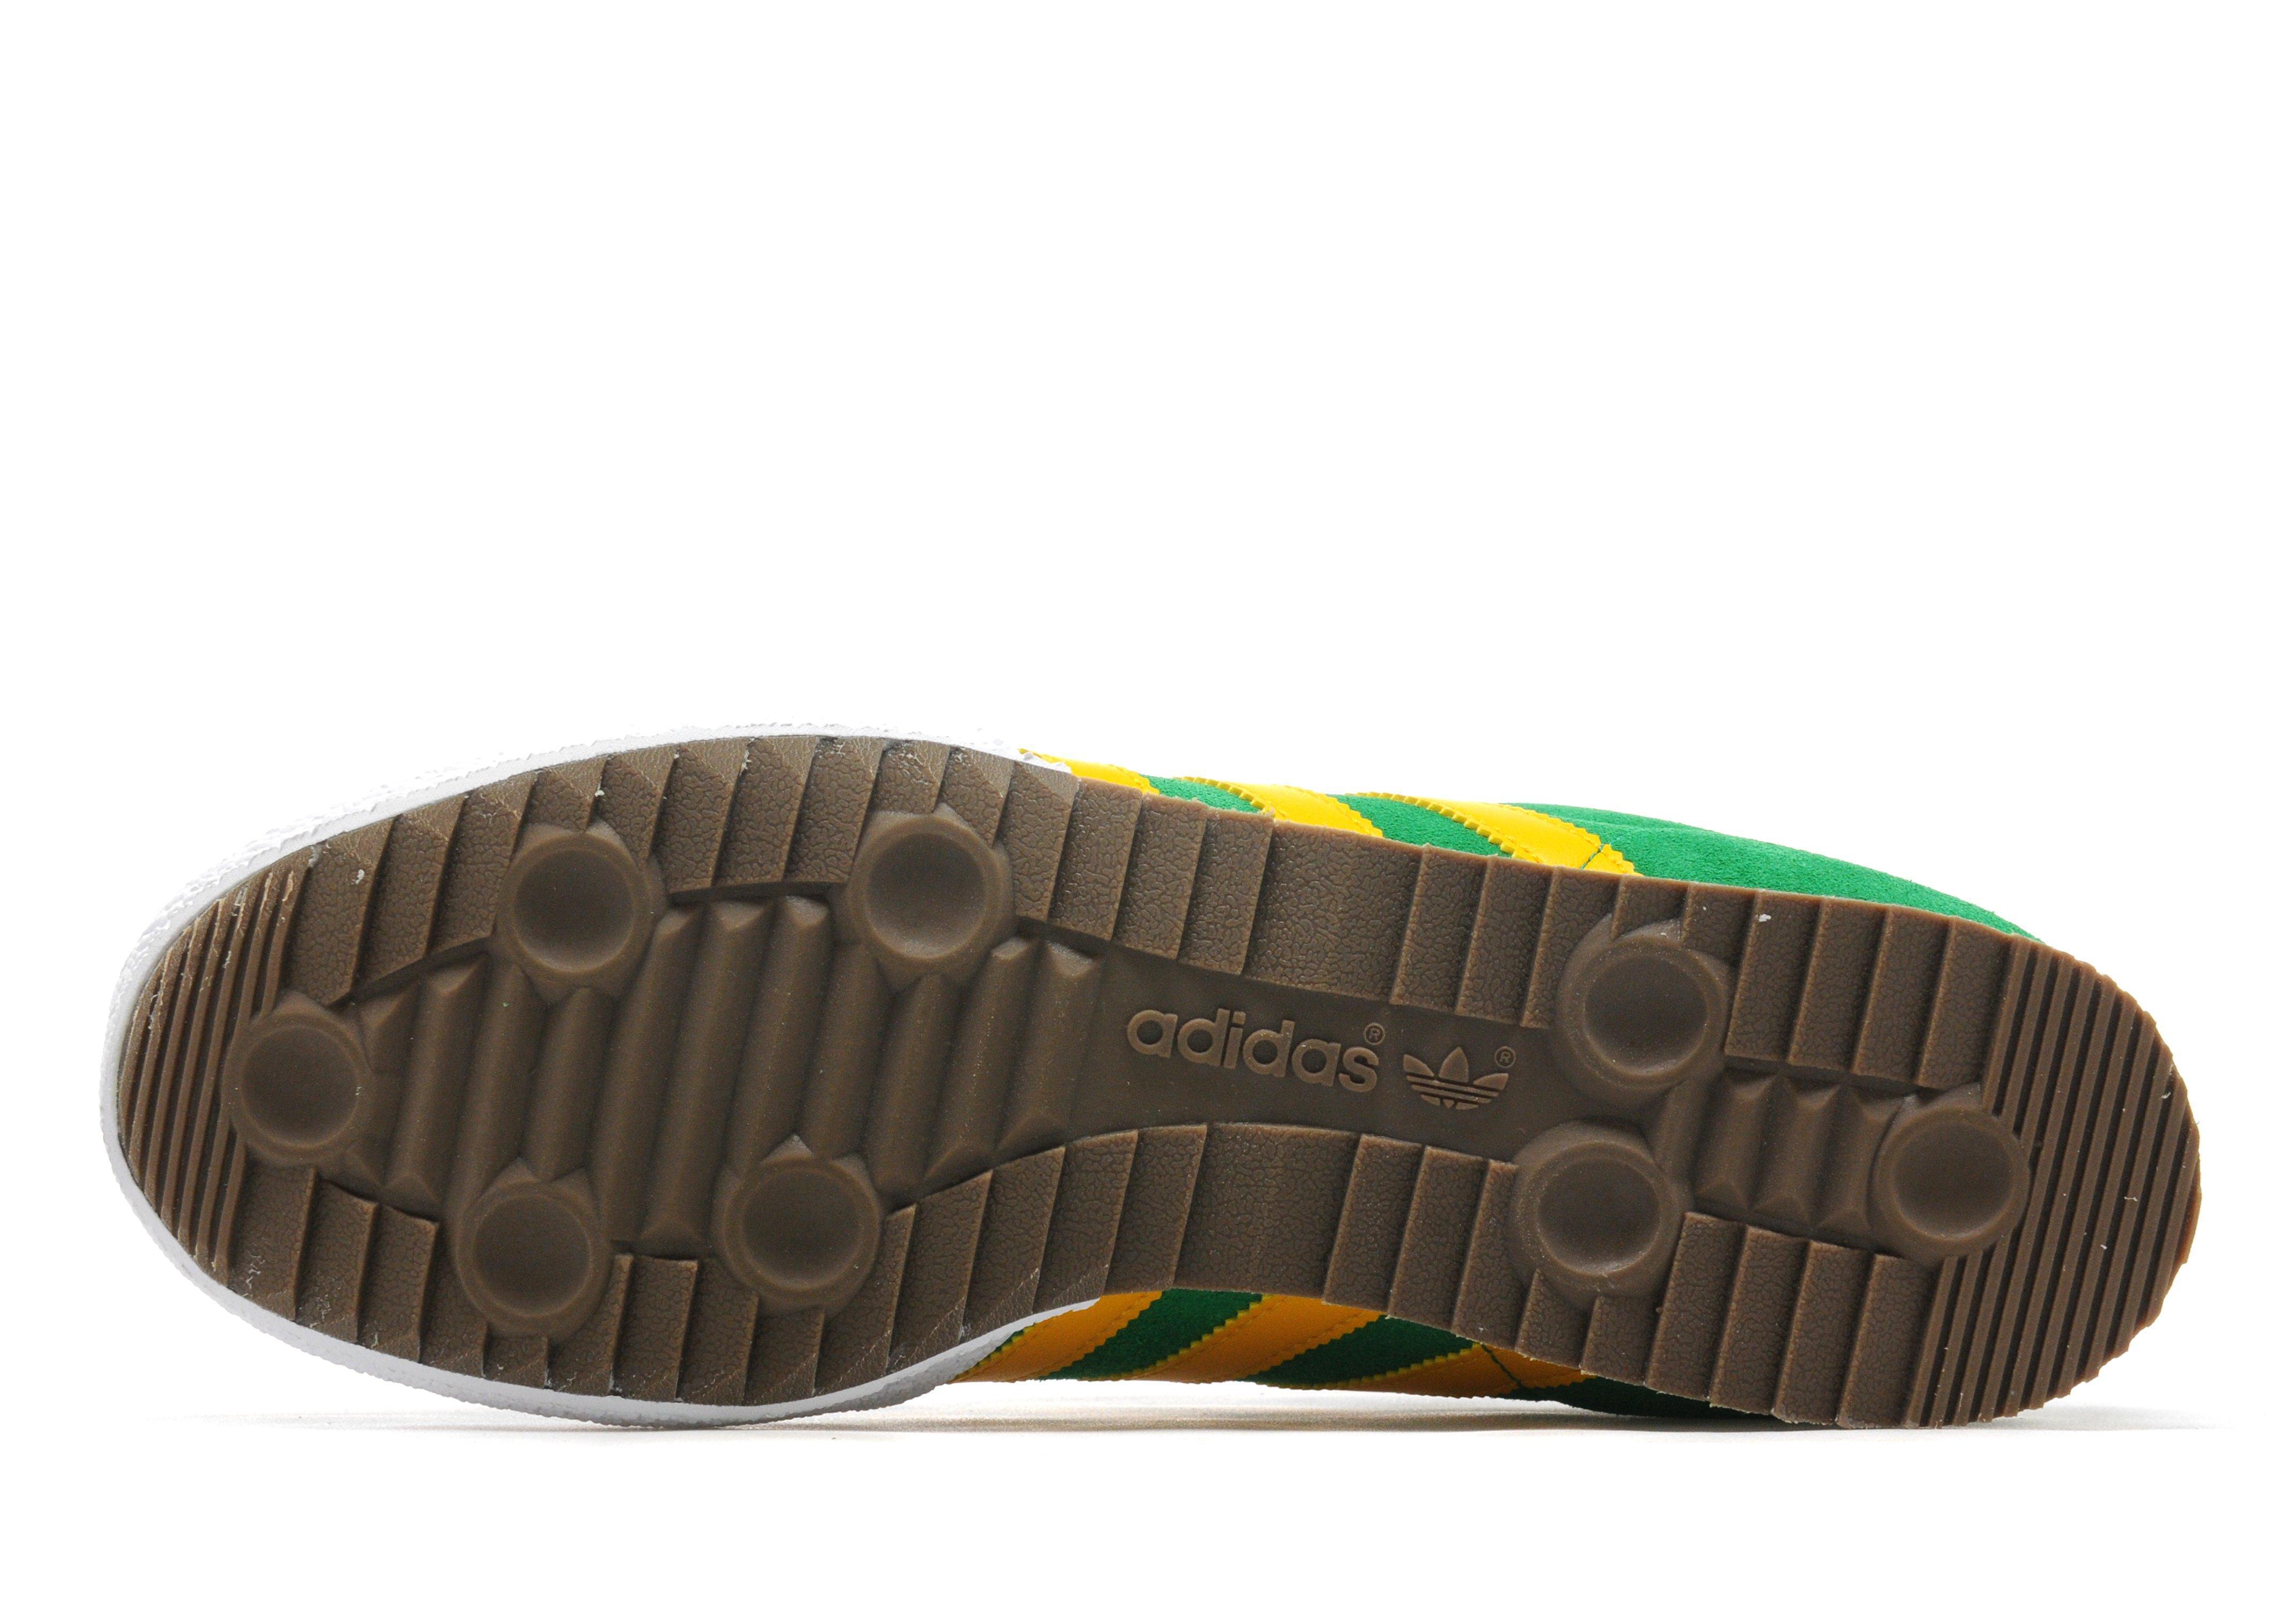 adidas Originals Leather Samba Super in